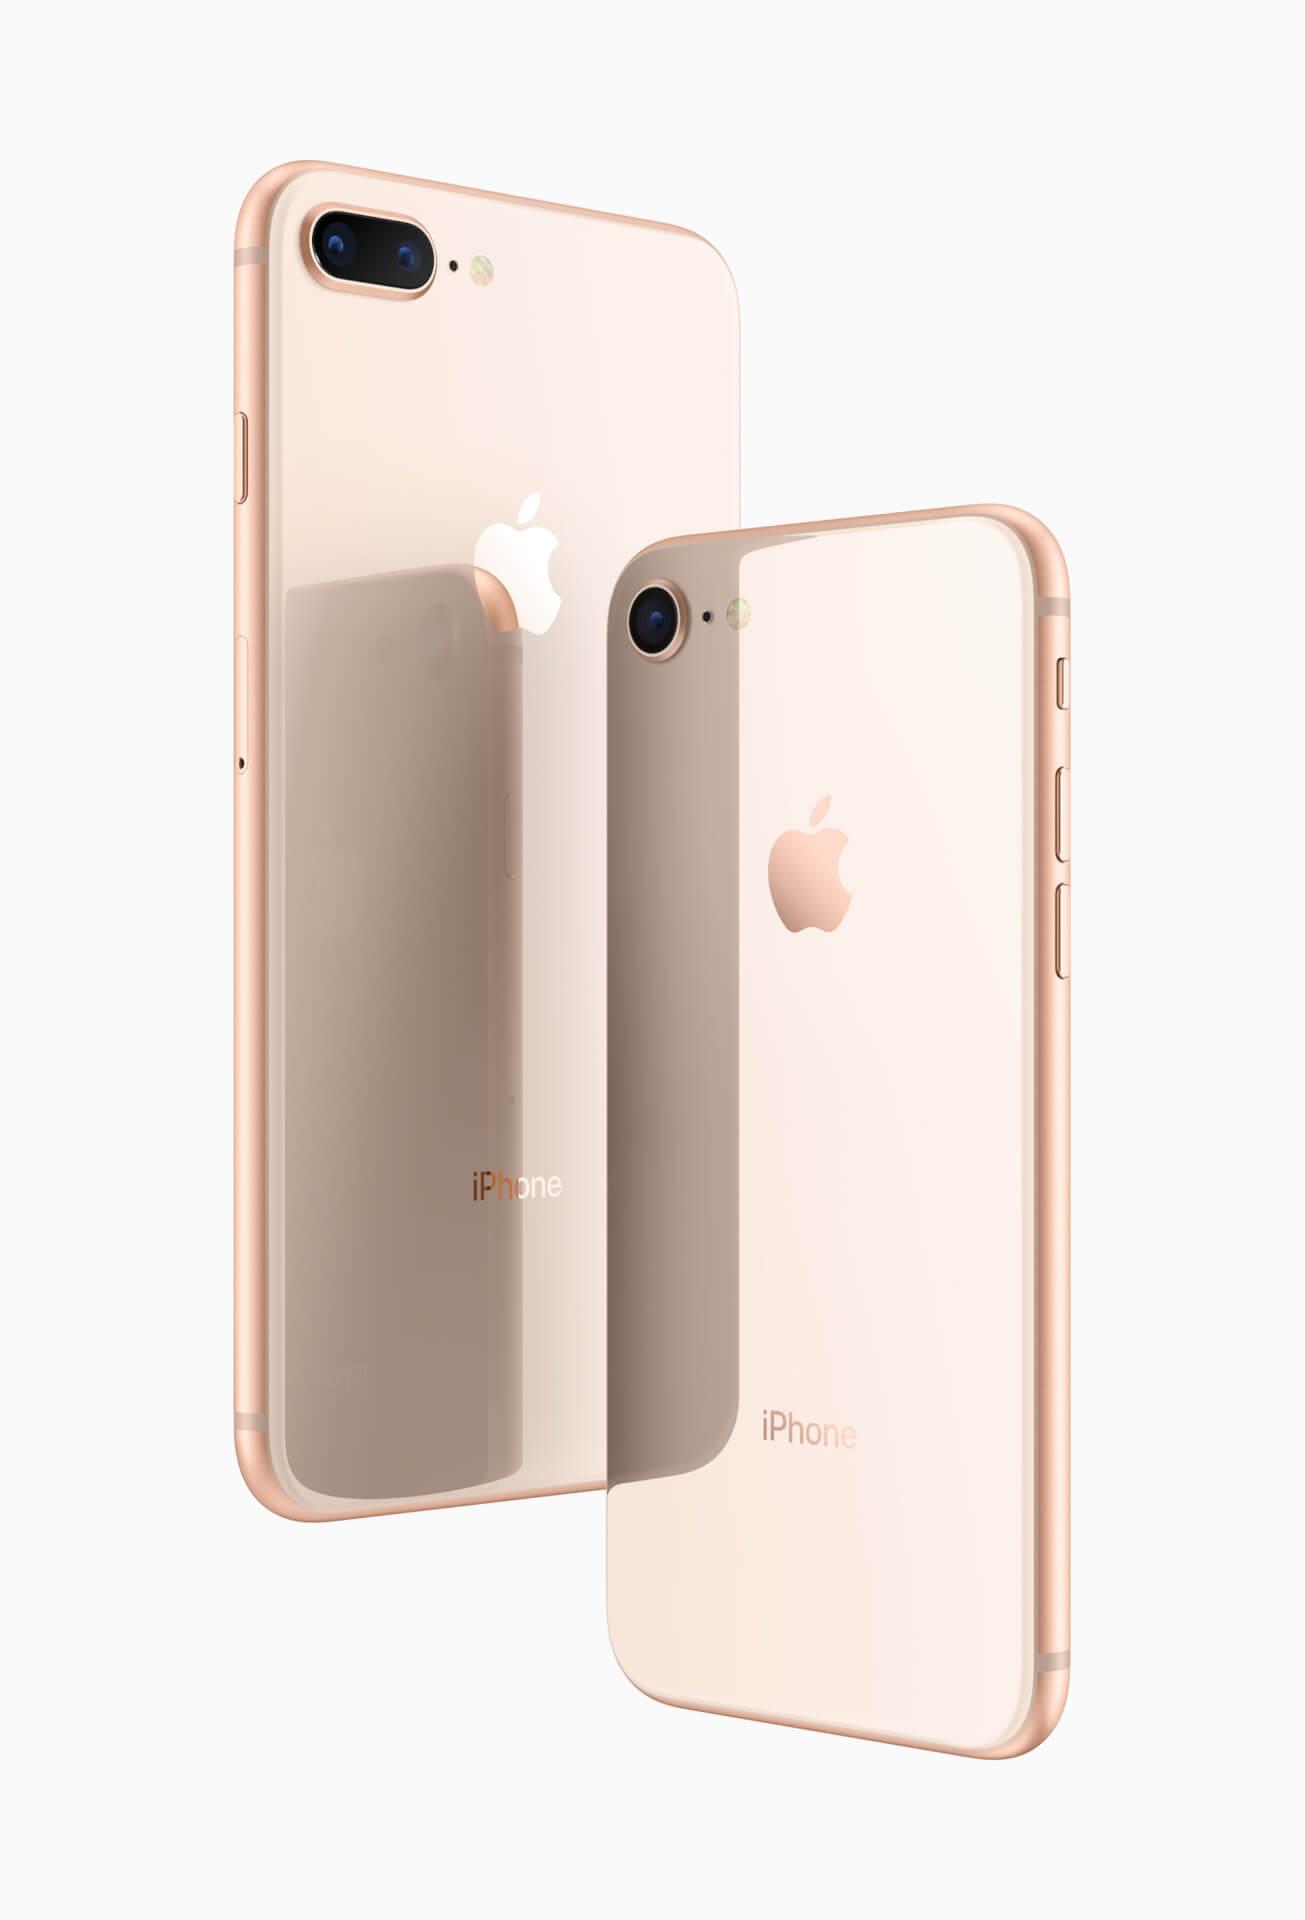 今年3月発表とうわさの次期iPhone SEはFace ID搭載モデルとして登場か? tech200115_iphonese2_main